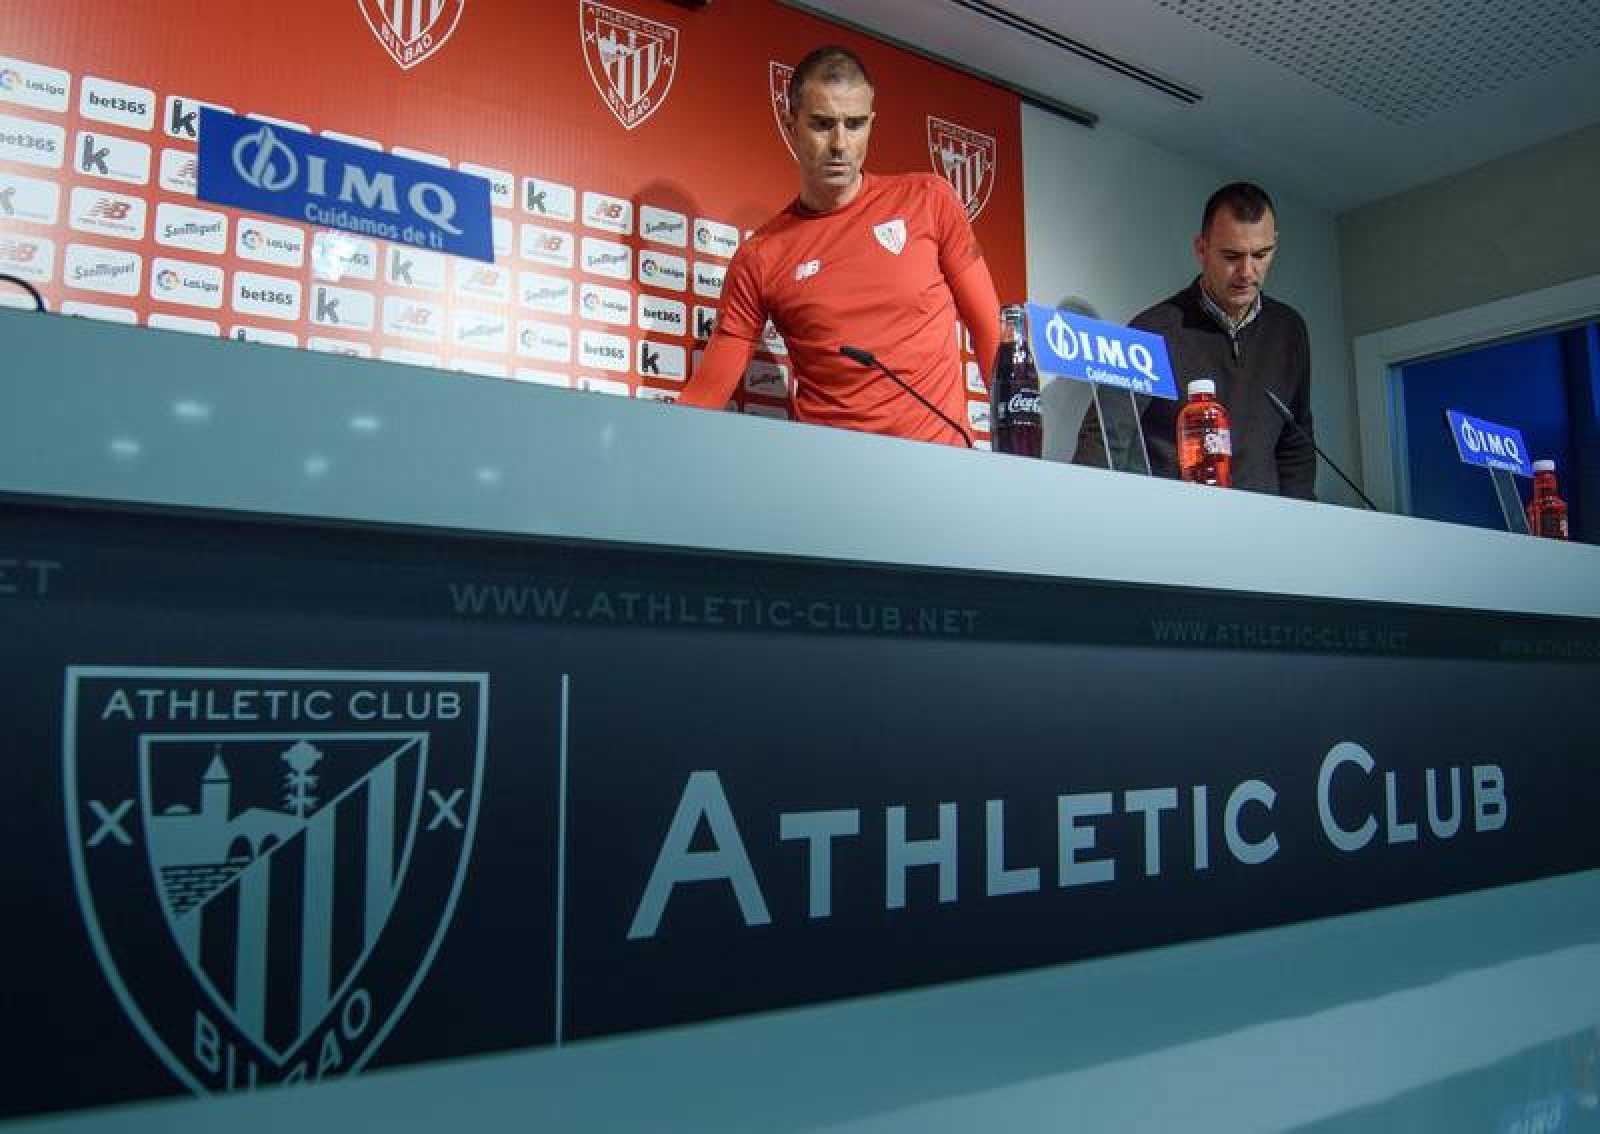 El entrenador del Athletic, Gaizka Garitano, se dispone a comparecer en la sala de prensa del Athletic